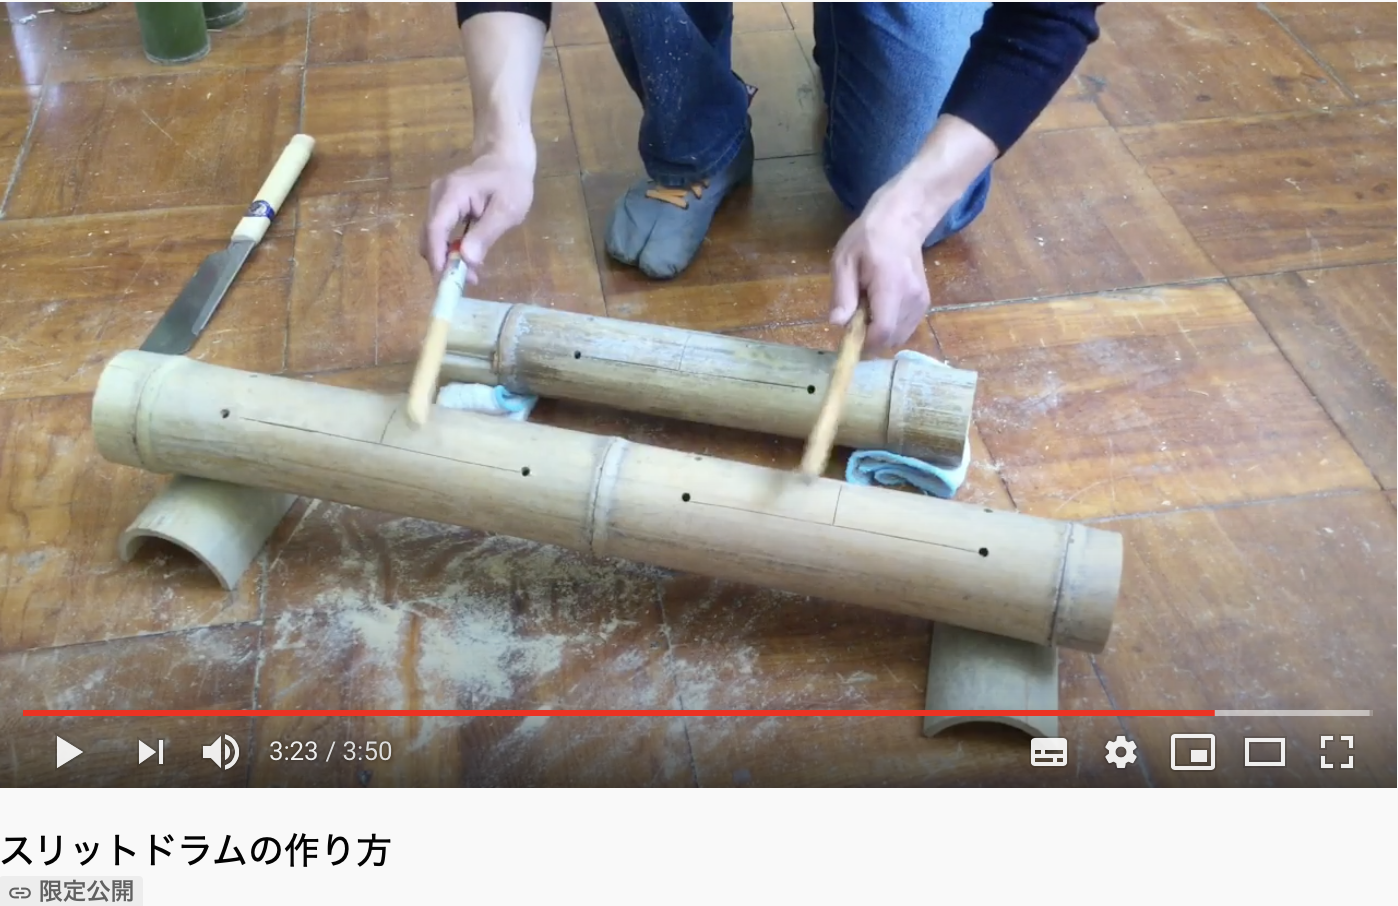 【動画教材:スリットドラムの作り方】竹を加工して楽器を作る。自然の素材が生み出す音を「体感」できる教材